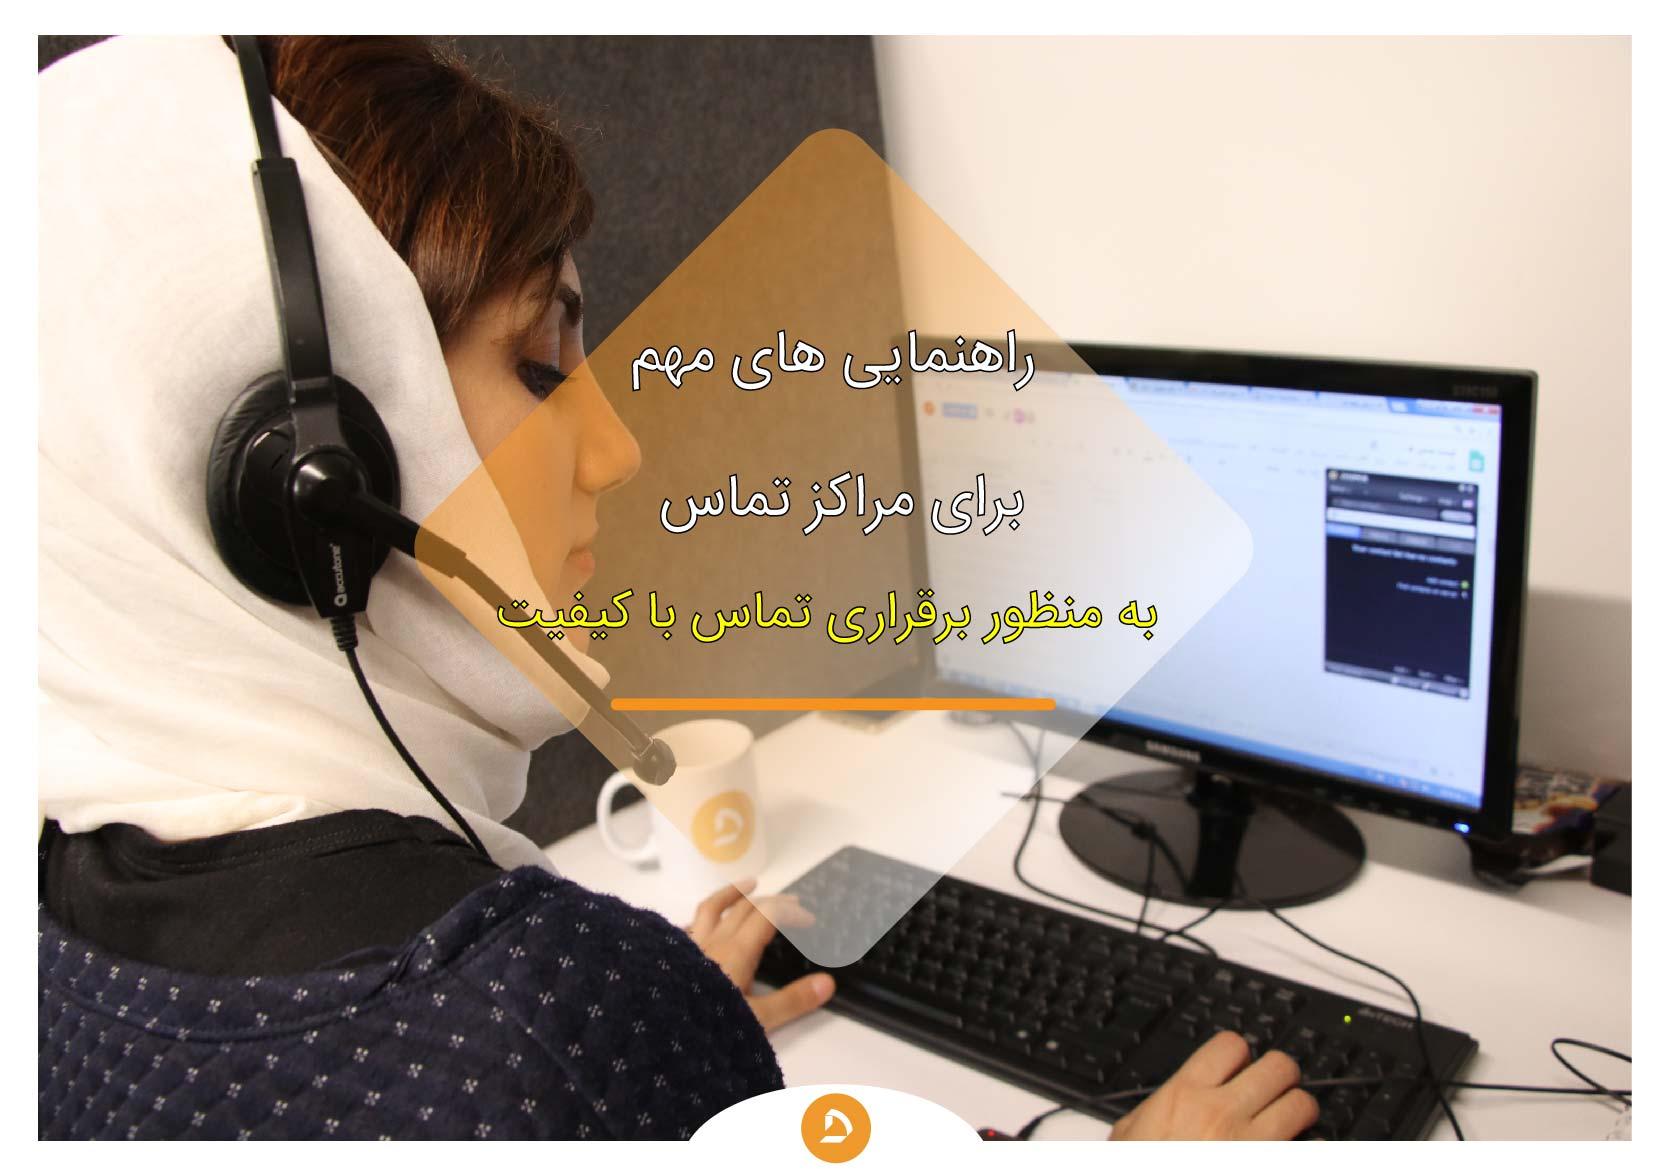 مدیریت تماس ها در مرکز تماس های خروجی